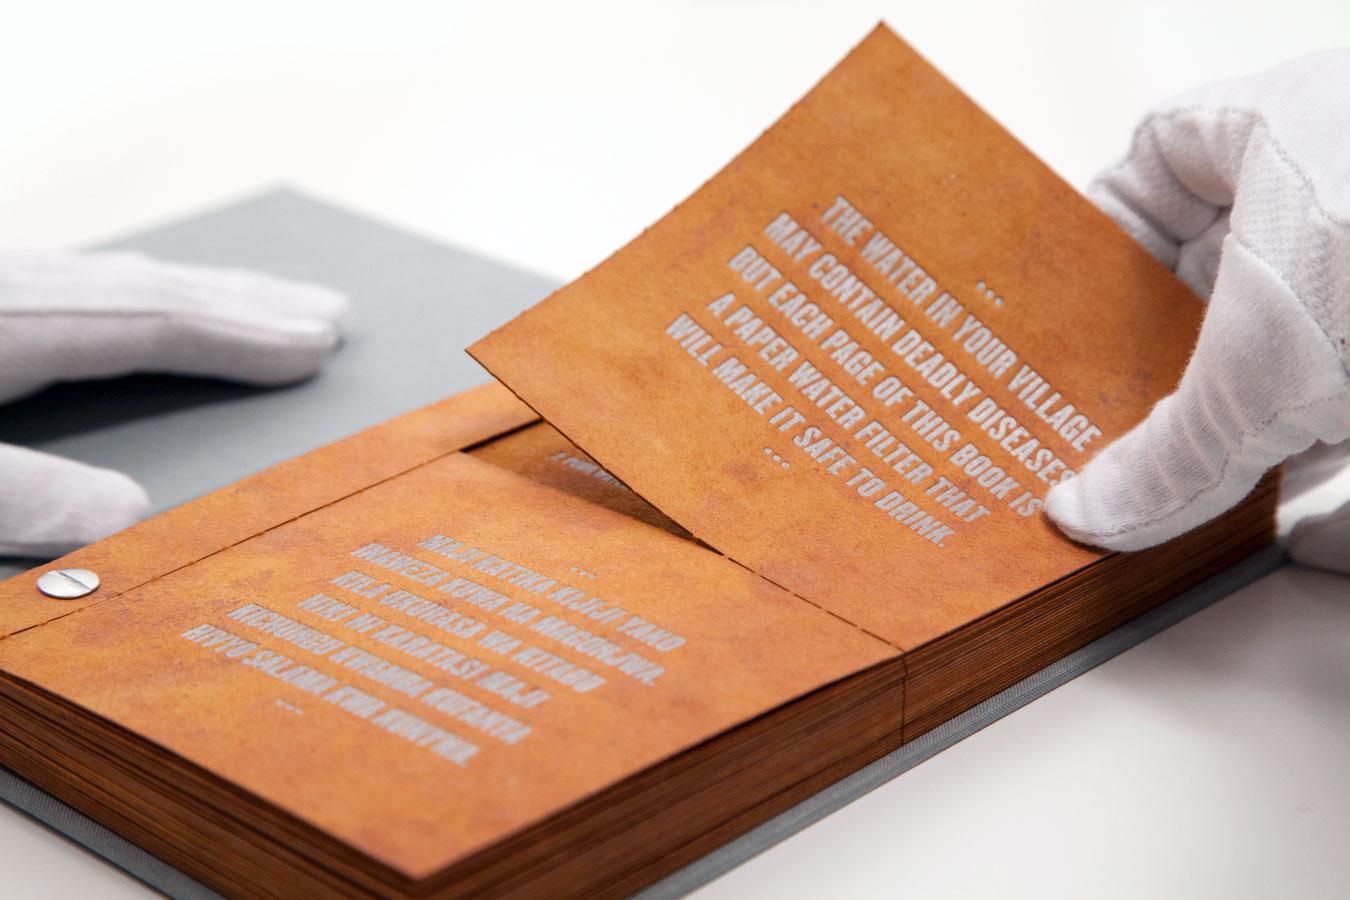 The Drinkable Book: knjiga, ki filtira vodo.